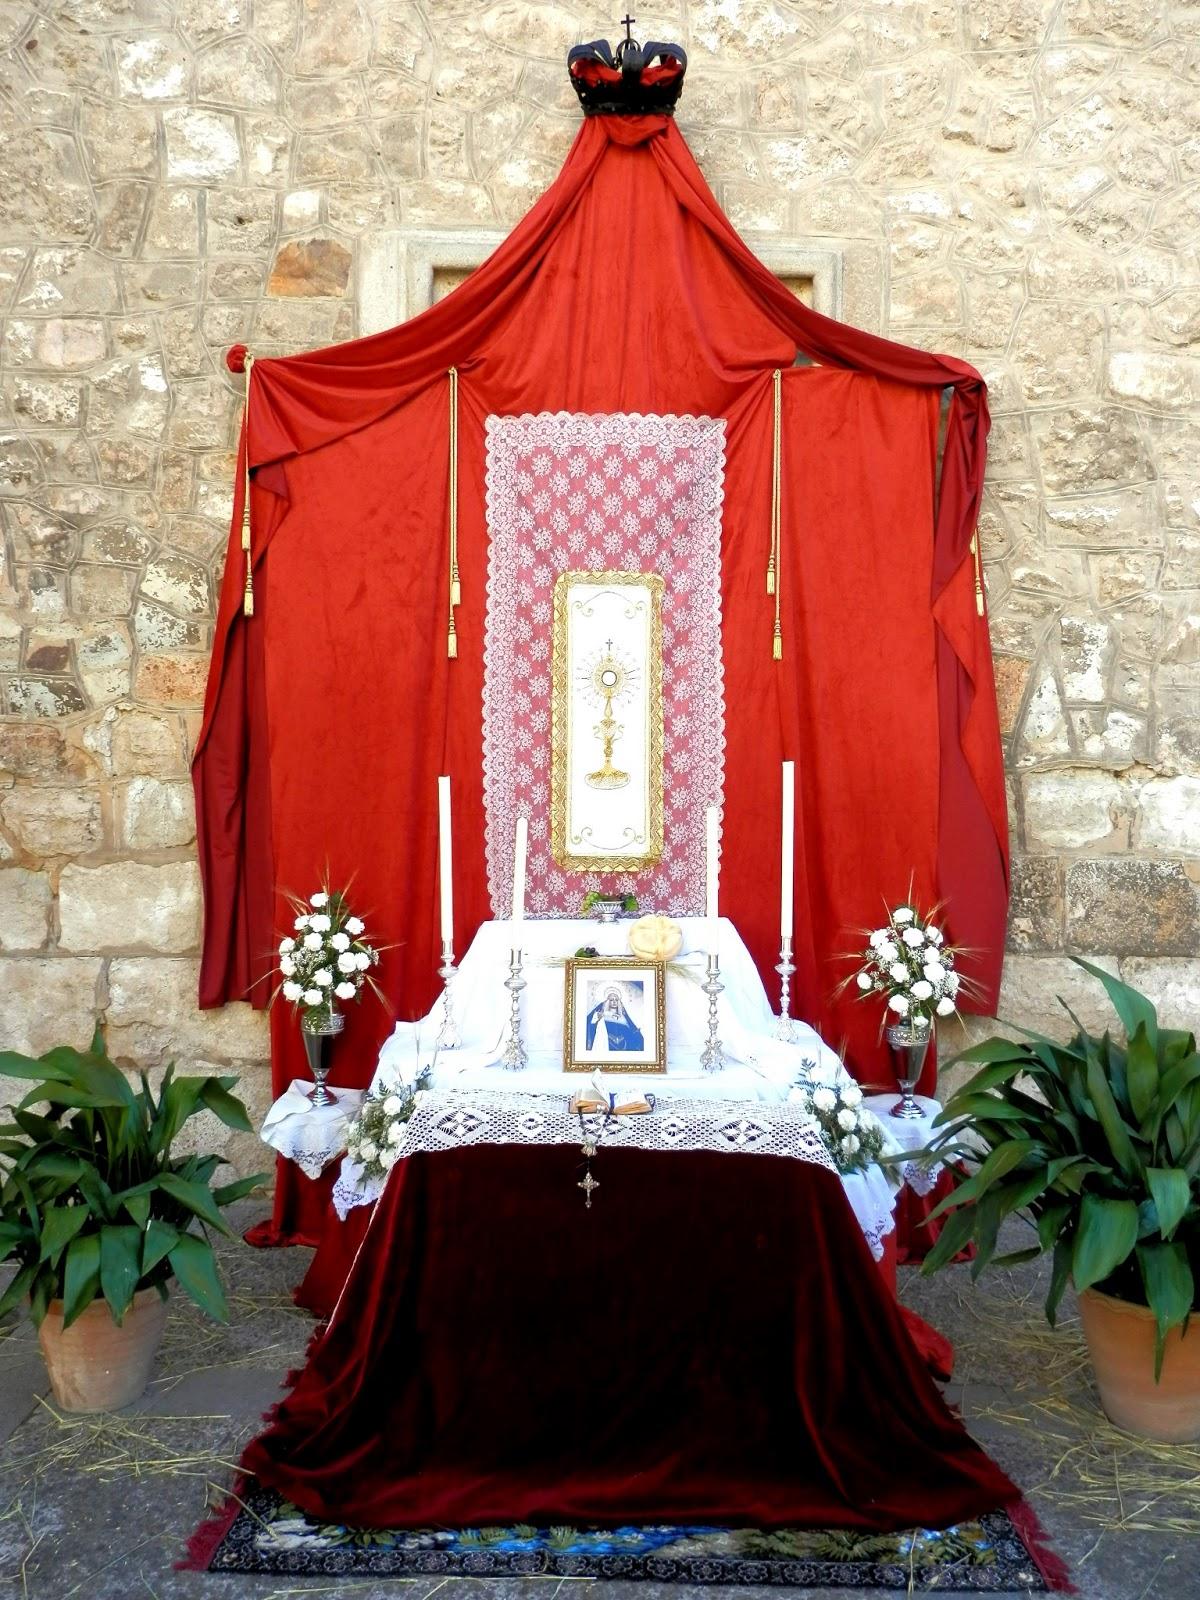 Decoracion Altar Para La Virgen ~   colocado justodebajo de la ventana del Camar?n de la Virgen del Prado